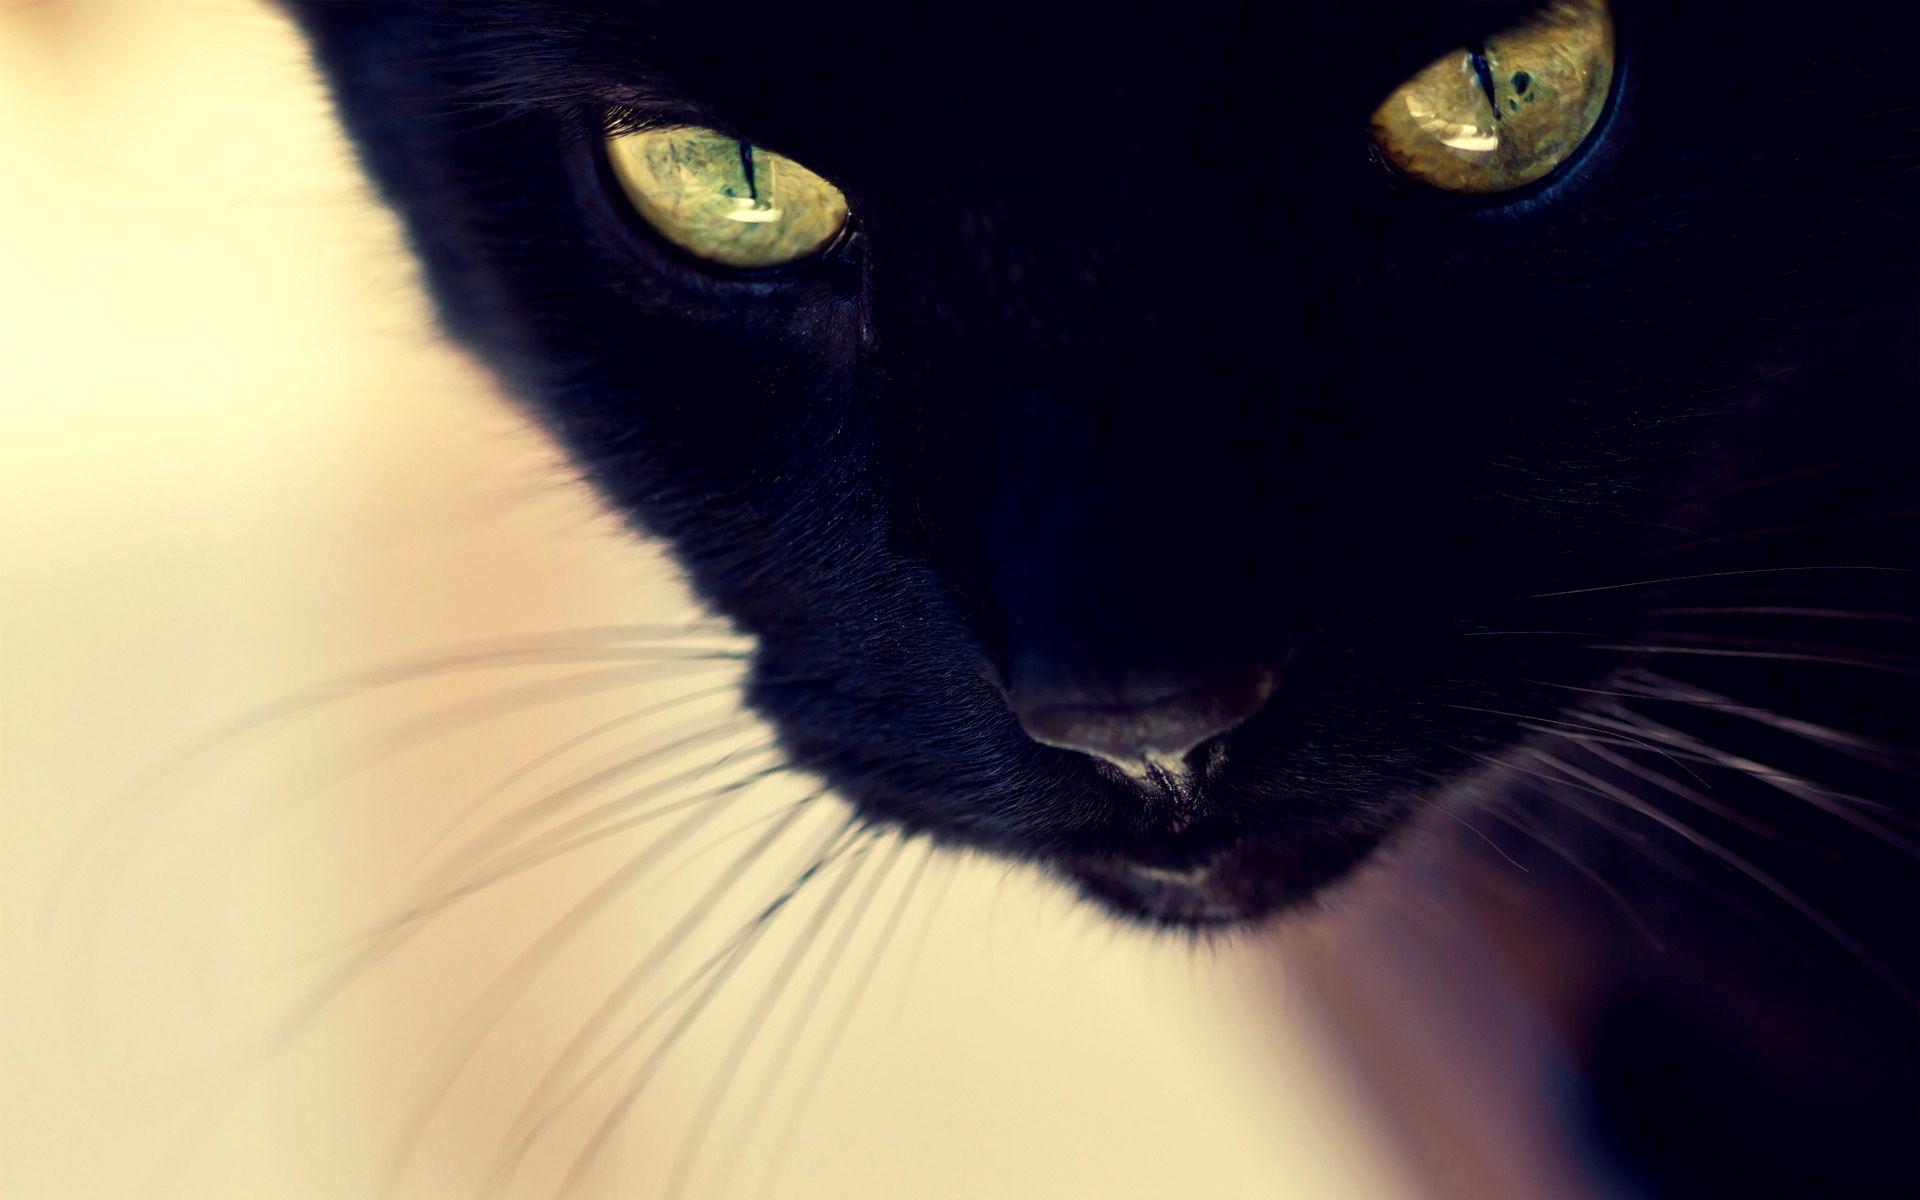 Black Cat wallpaper 11